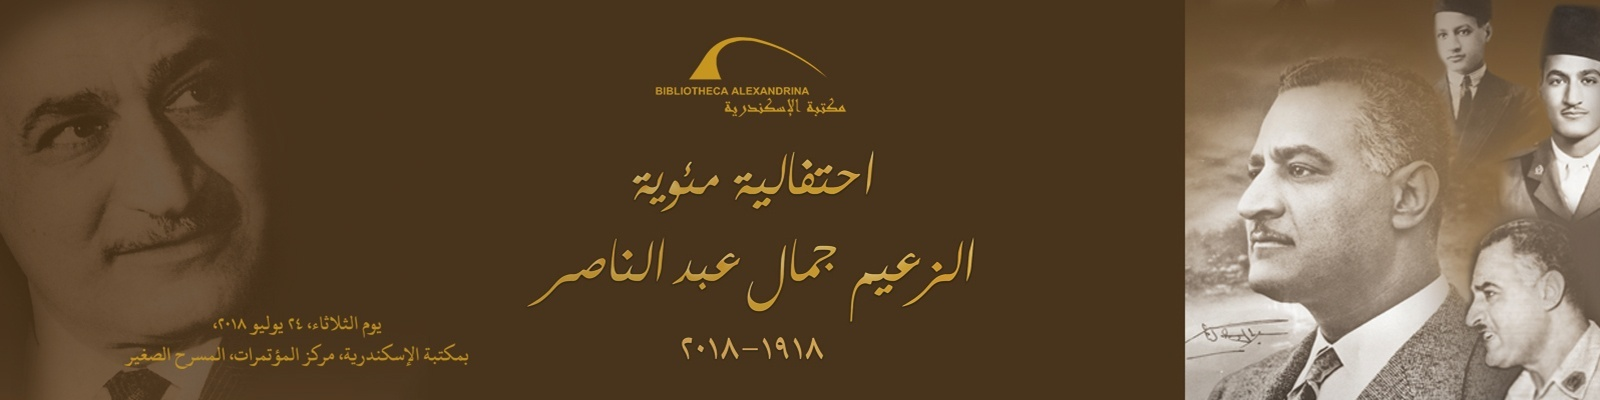 مئوية الزعيم جمال عبد الناصر